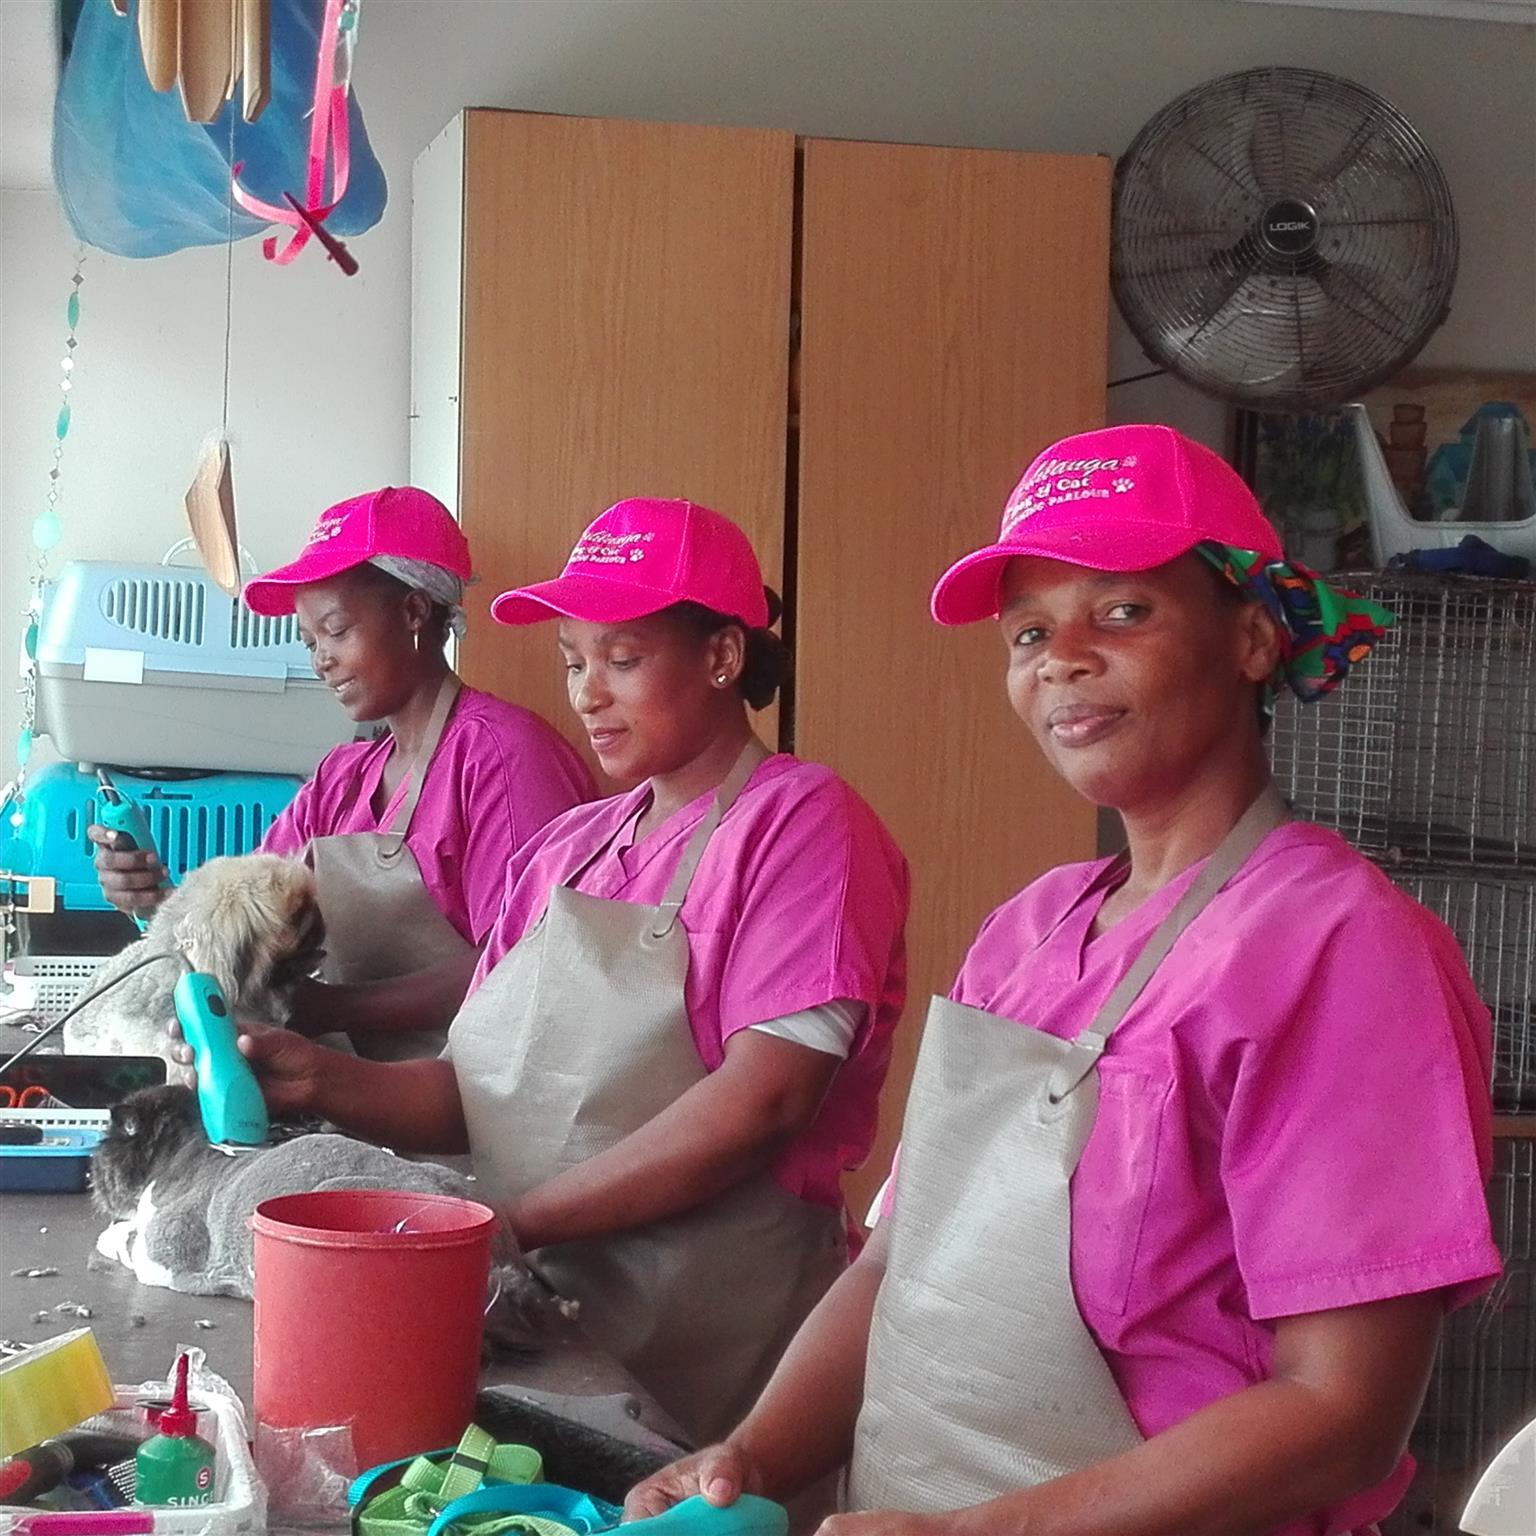 Umhlanga Dog & Cat Grooming Parlour